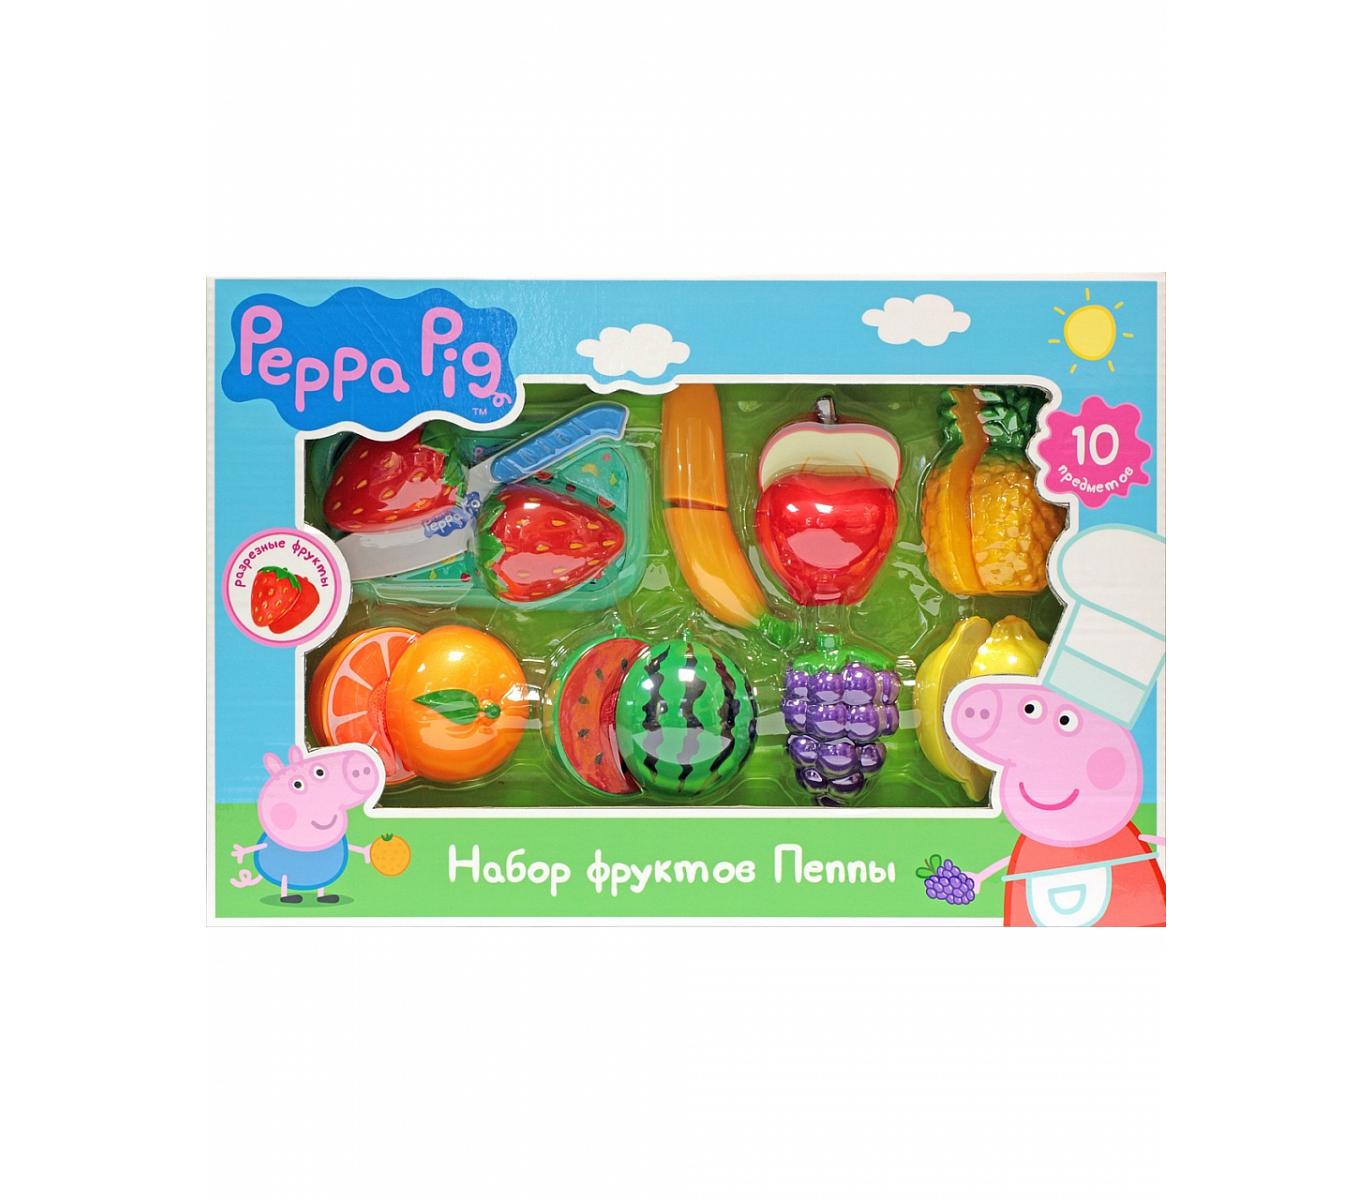 Детские товары Peppa Pig Пеппа Пиг - Акушерство